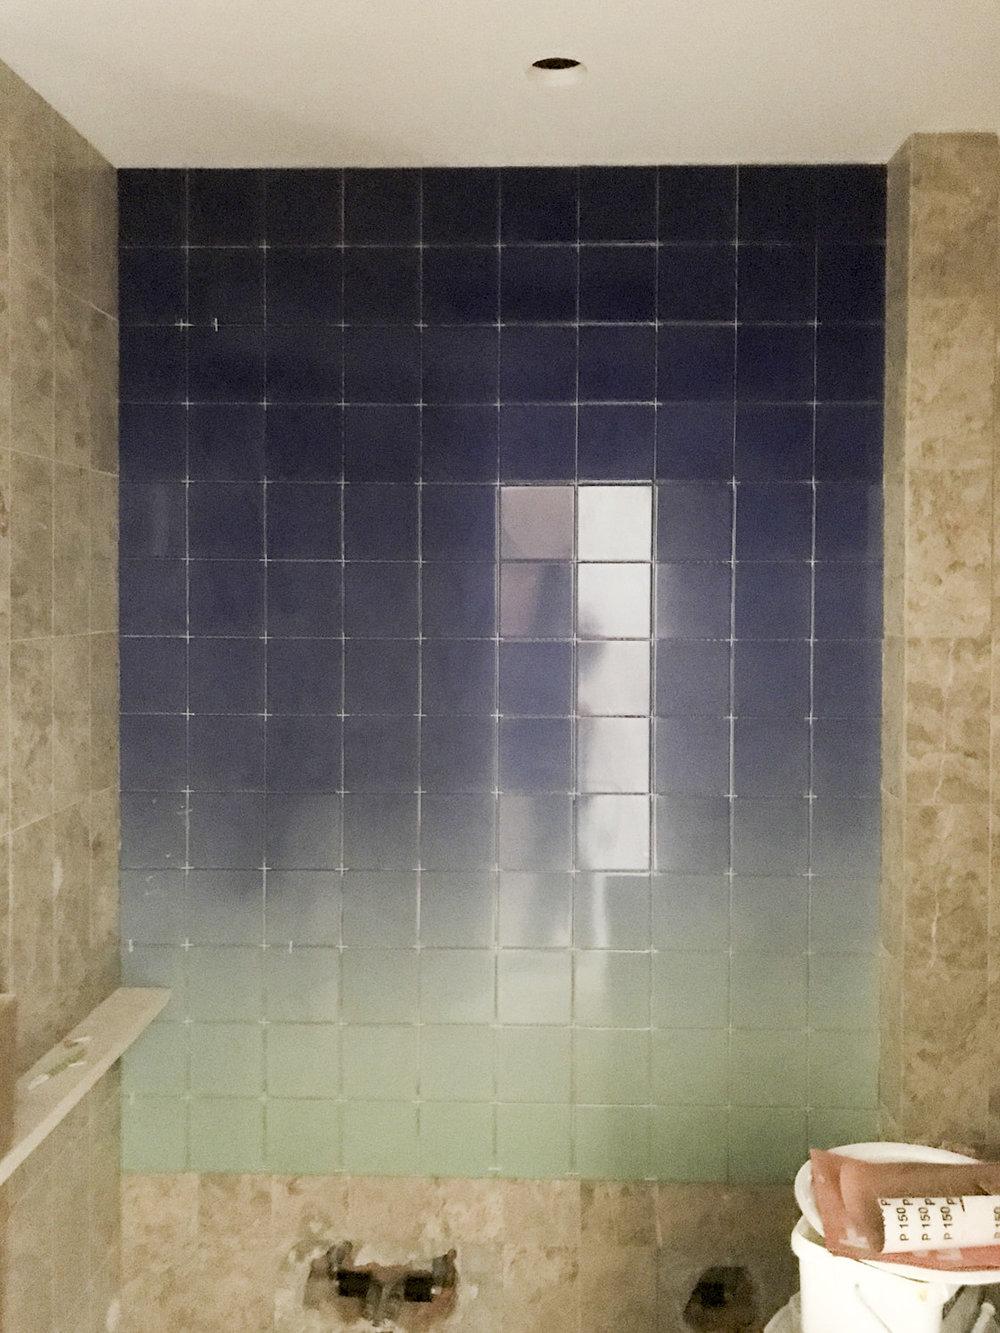 Apartamento Azul Farol - Porto - EVA evolutionary architecture - EVA atelier - Arquitecto - Remodelação (22).jpg